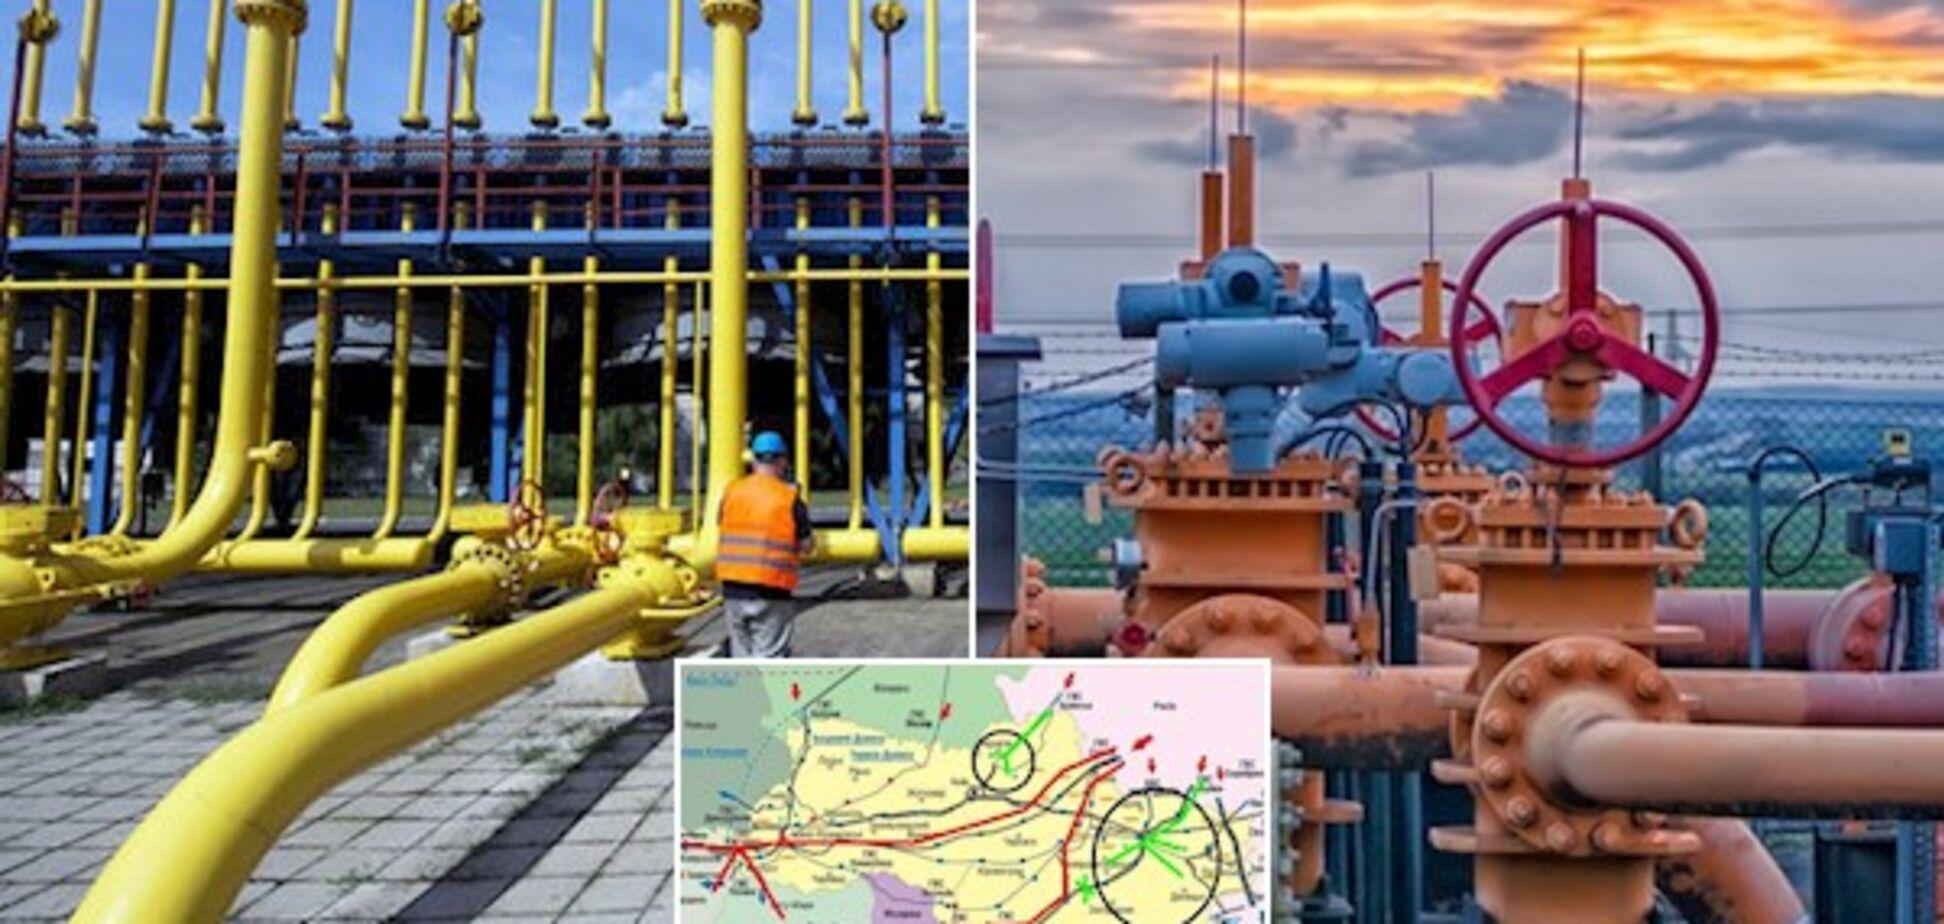 'Иначе - на металлолом': эксперт по энергетике рассказал, как спасти украинскую ГТС